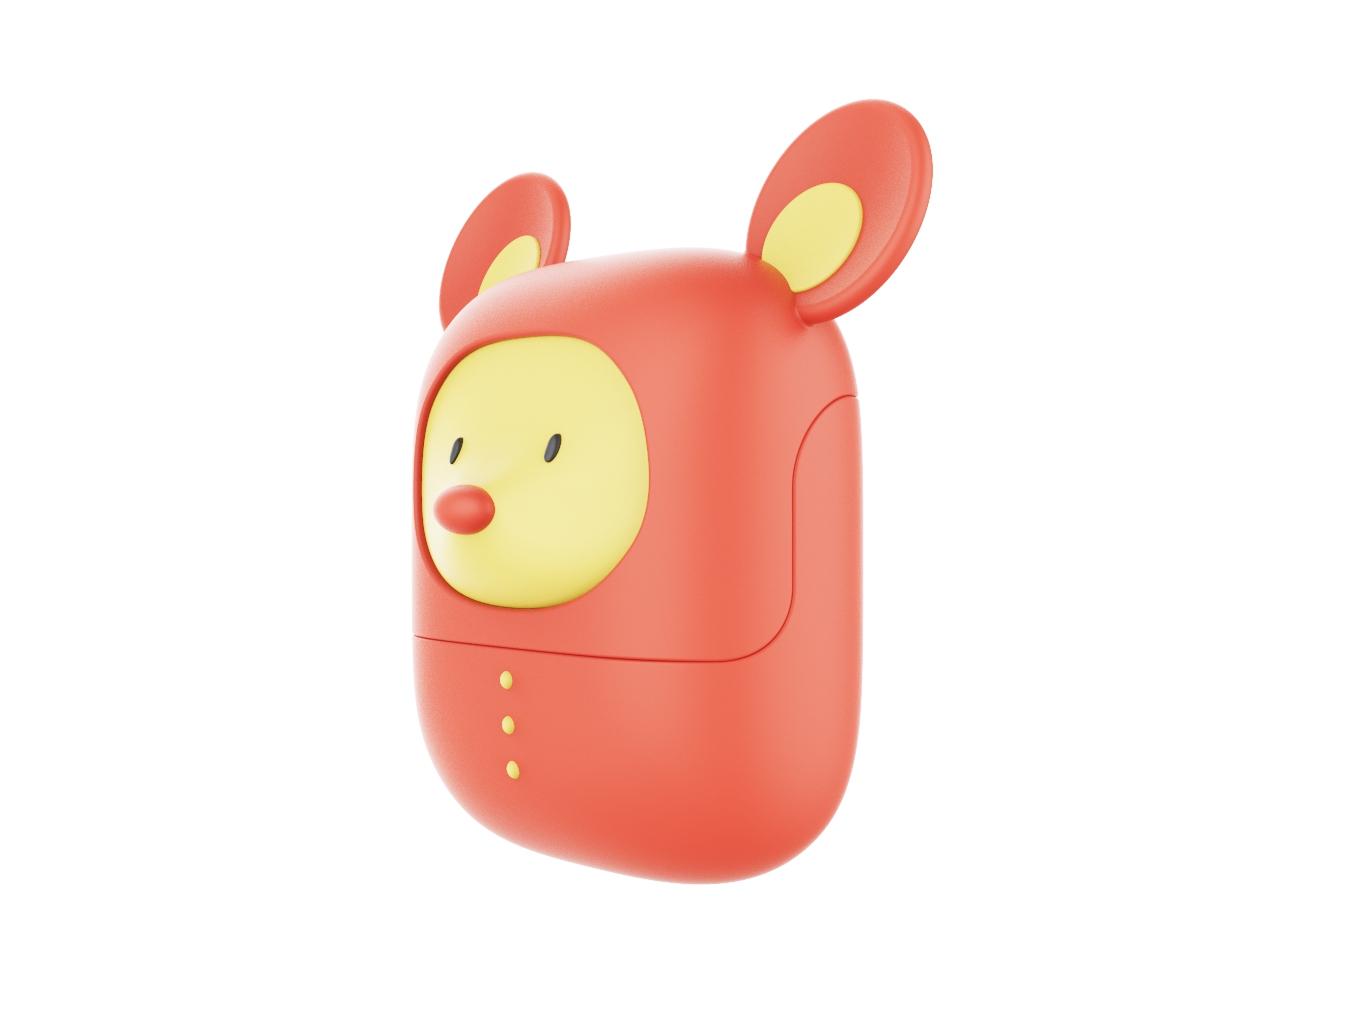 小老鼠aipod耳机外套渲染